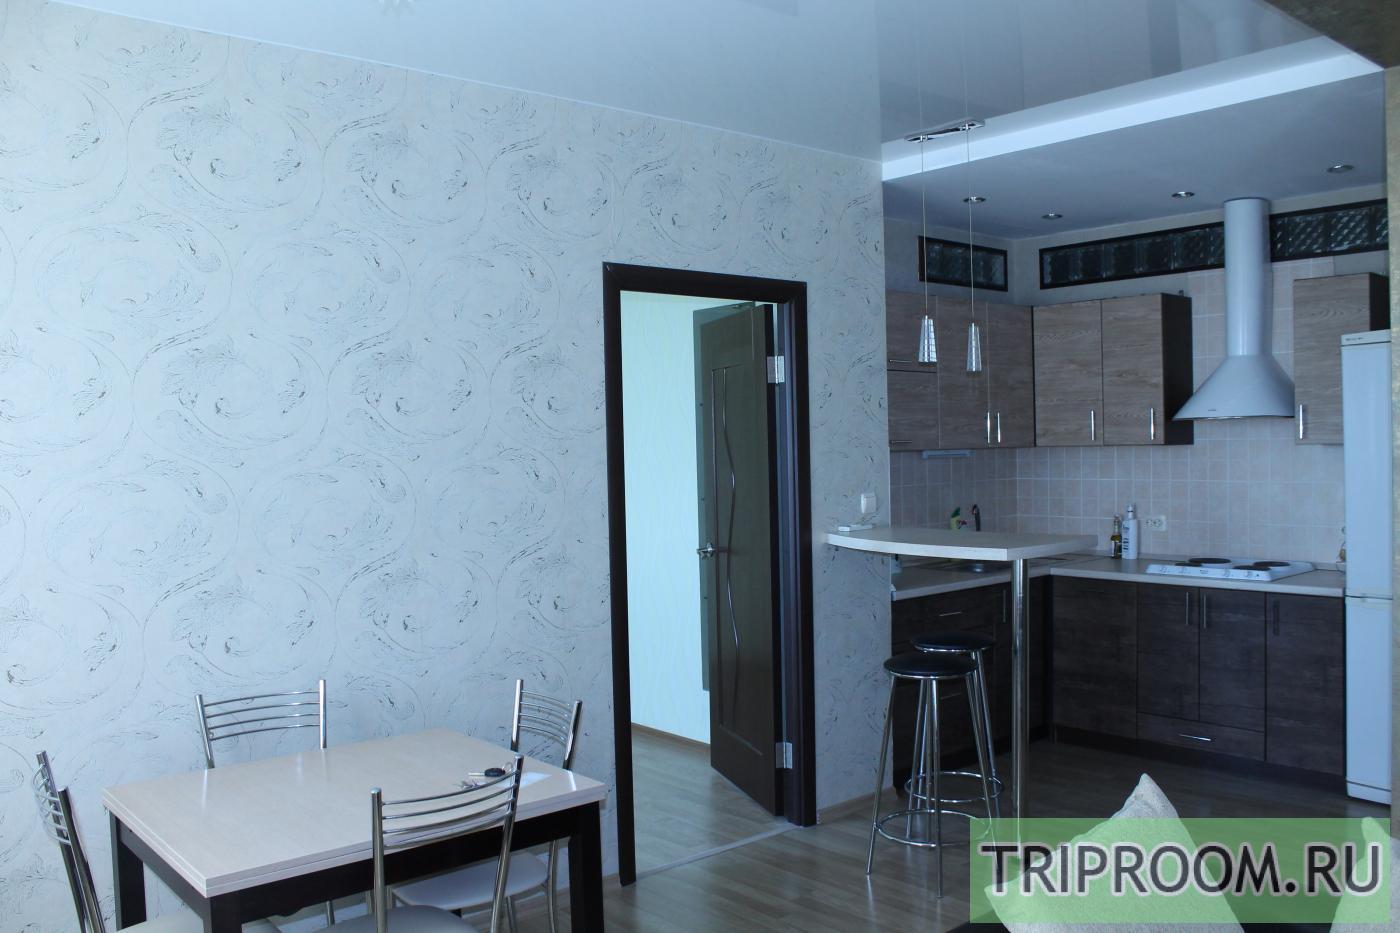 3-комнатная квартира посуточно (вариант № 8212), ул. новоросийская улица, фото № 3